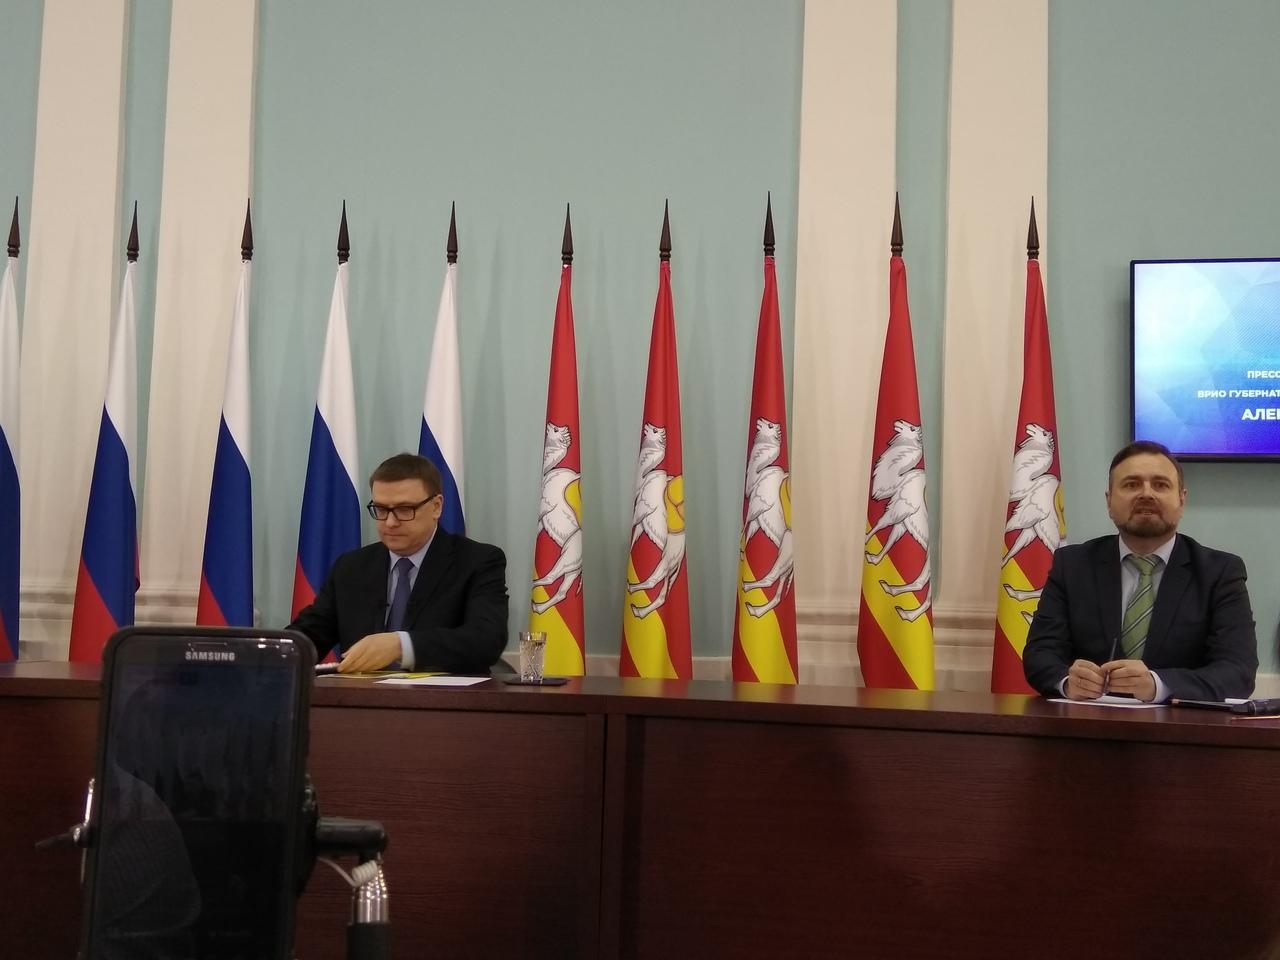 Первая пресс-конференция временно исполняющего обязанности губернатора Челябинской области